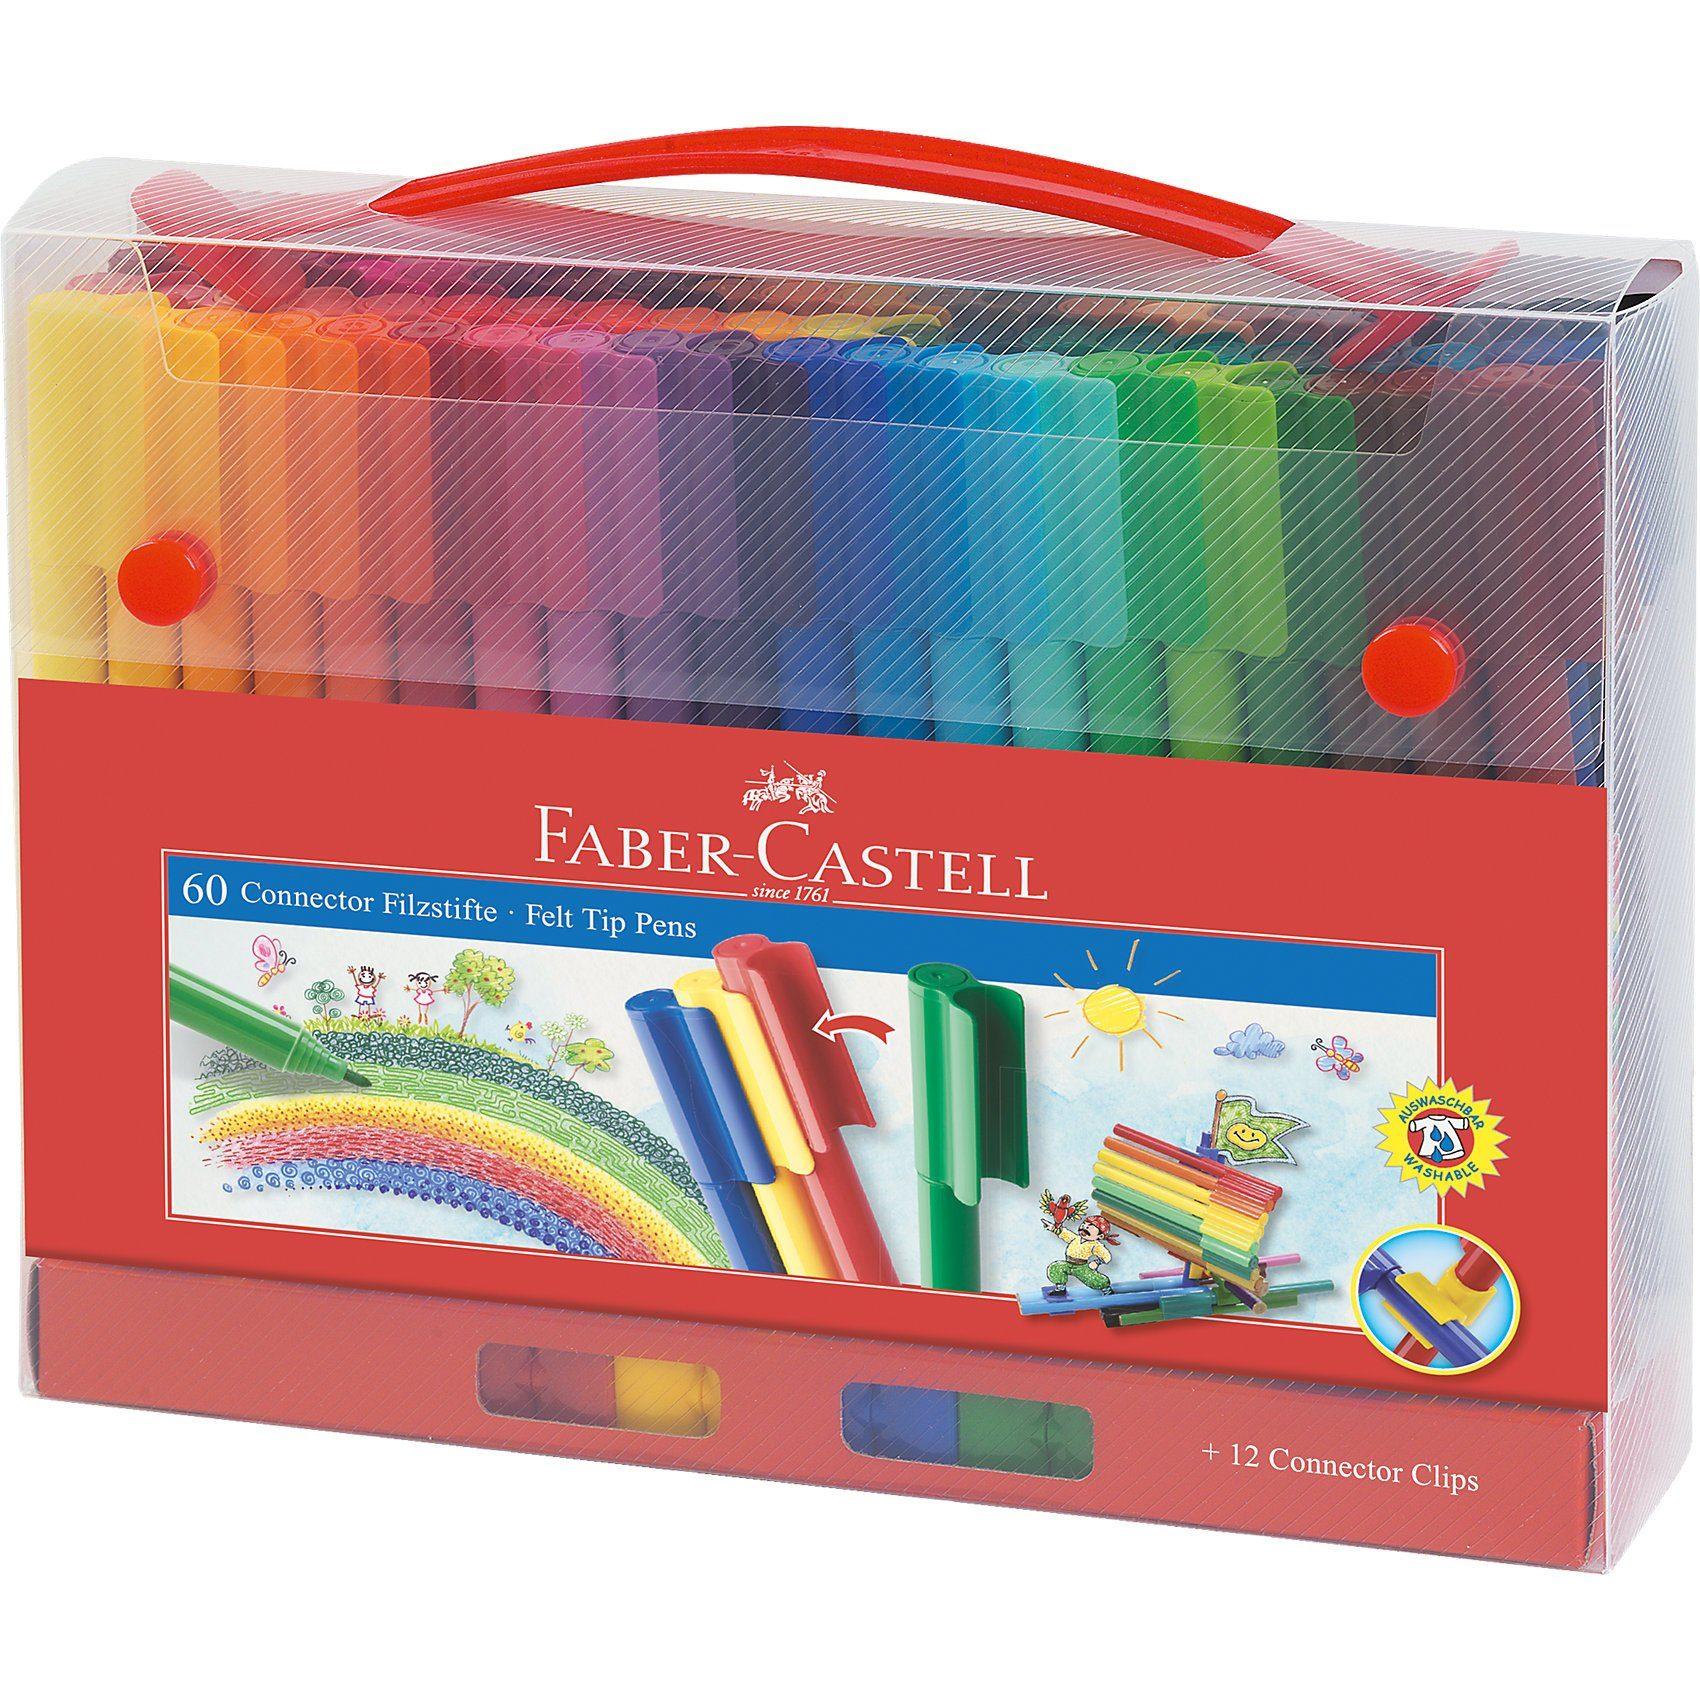 Faber-Castell CONNECTOR Pen Filzstifte für Unterwegs, 60 Farben& Zubehör